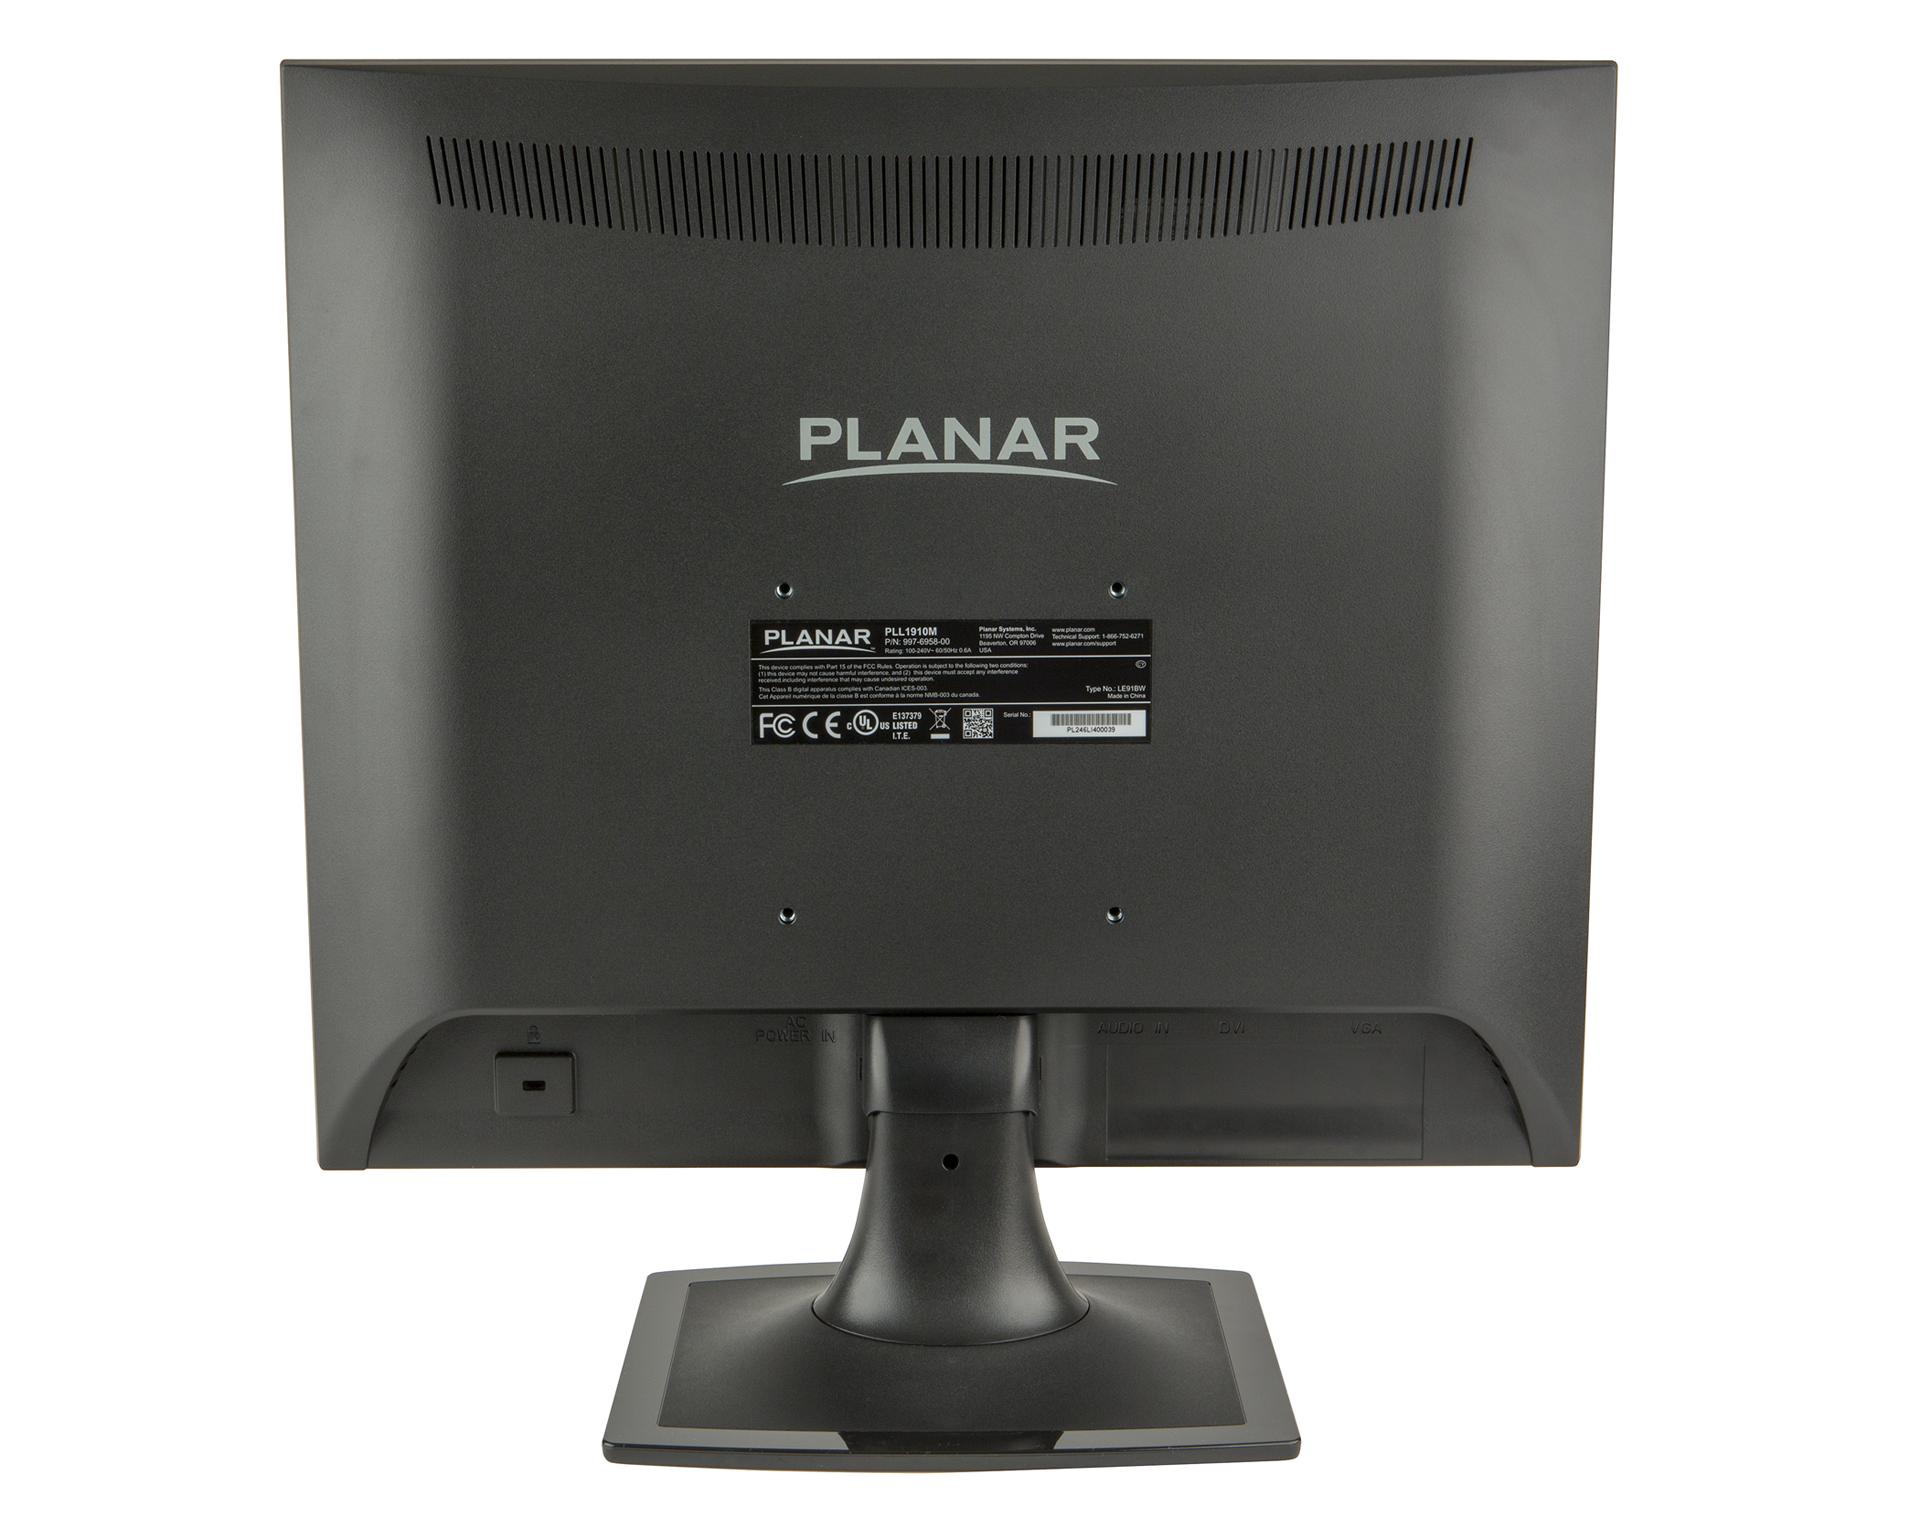 pll1910m 19 lcd monitor planar rh planar com